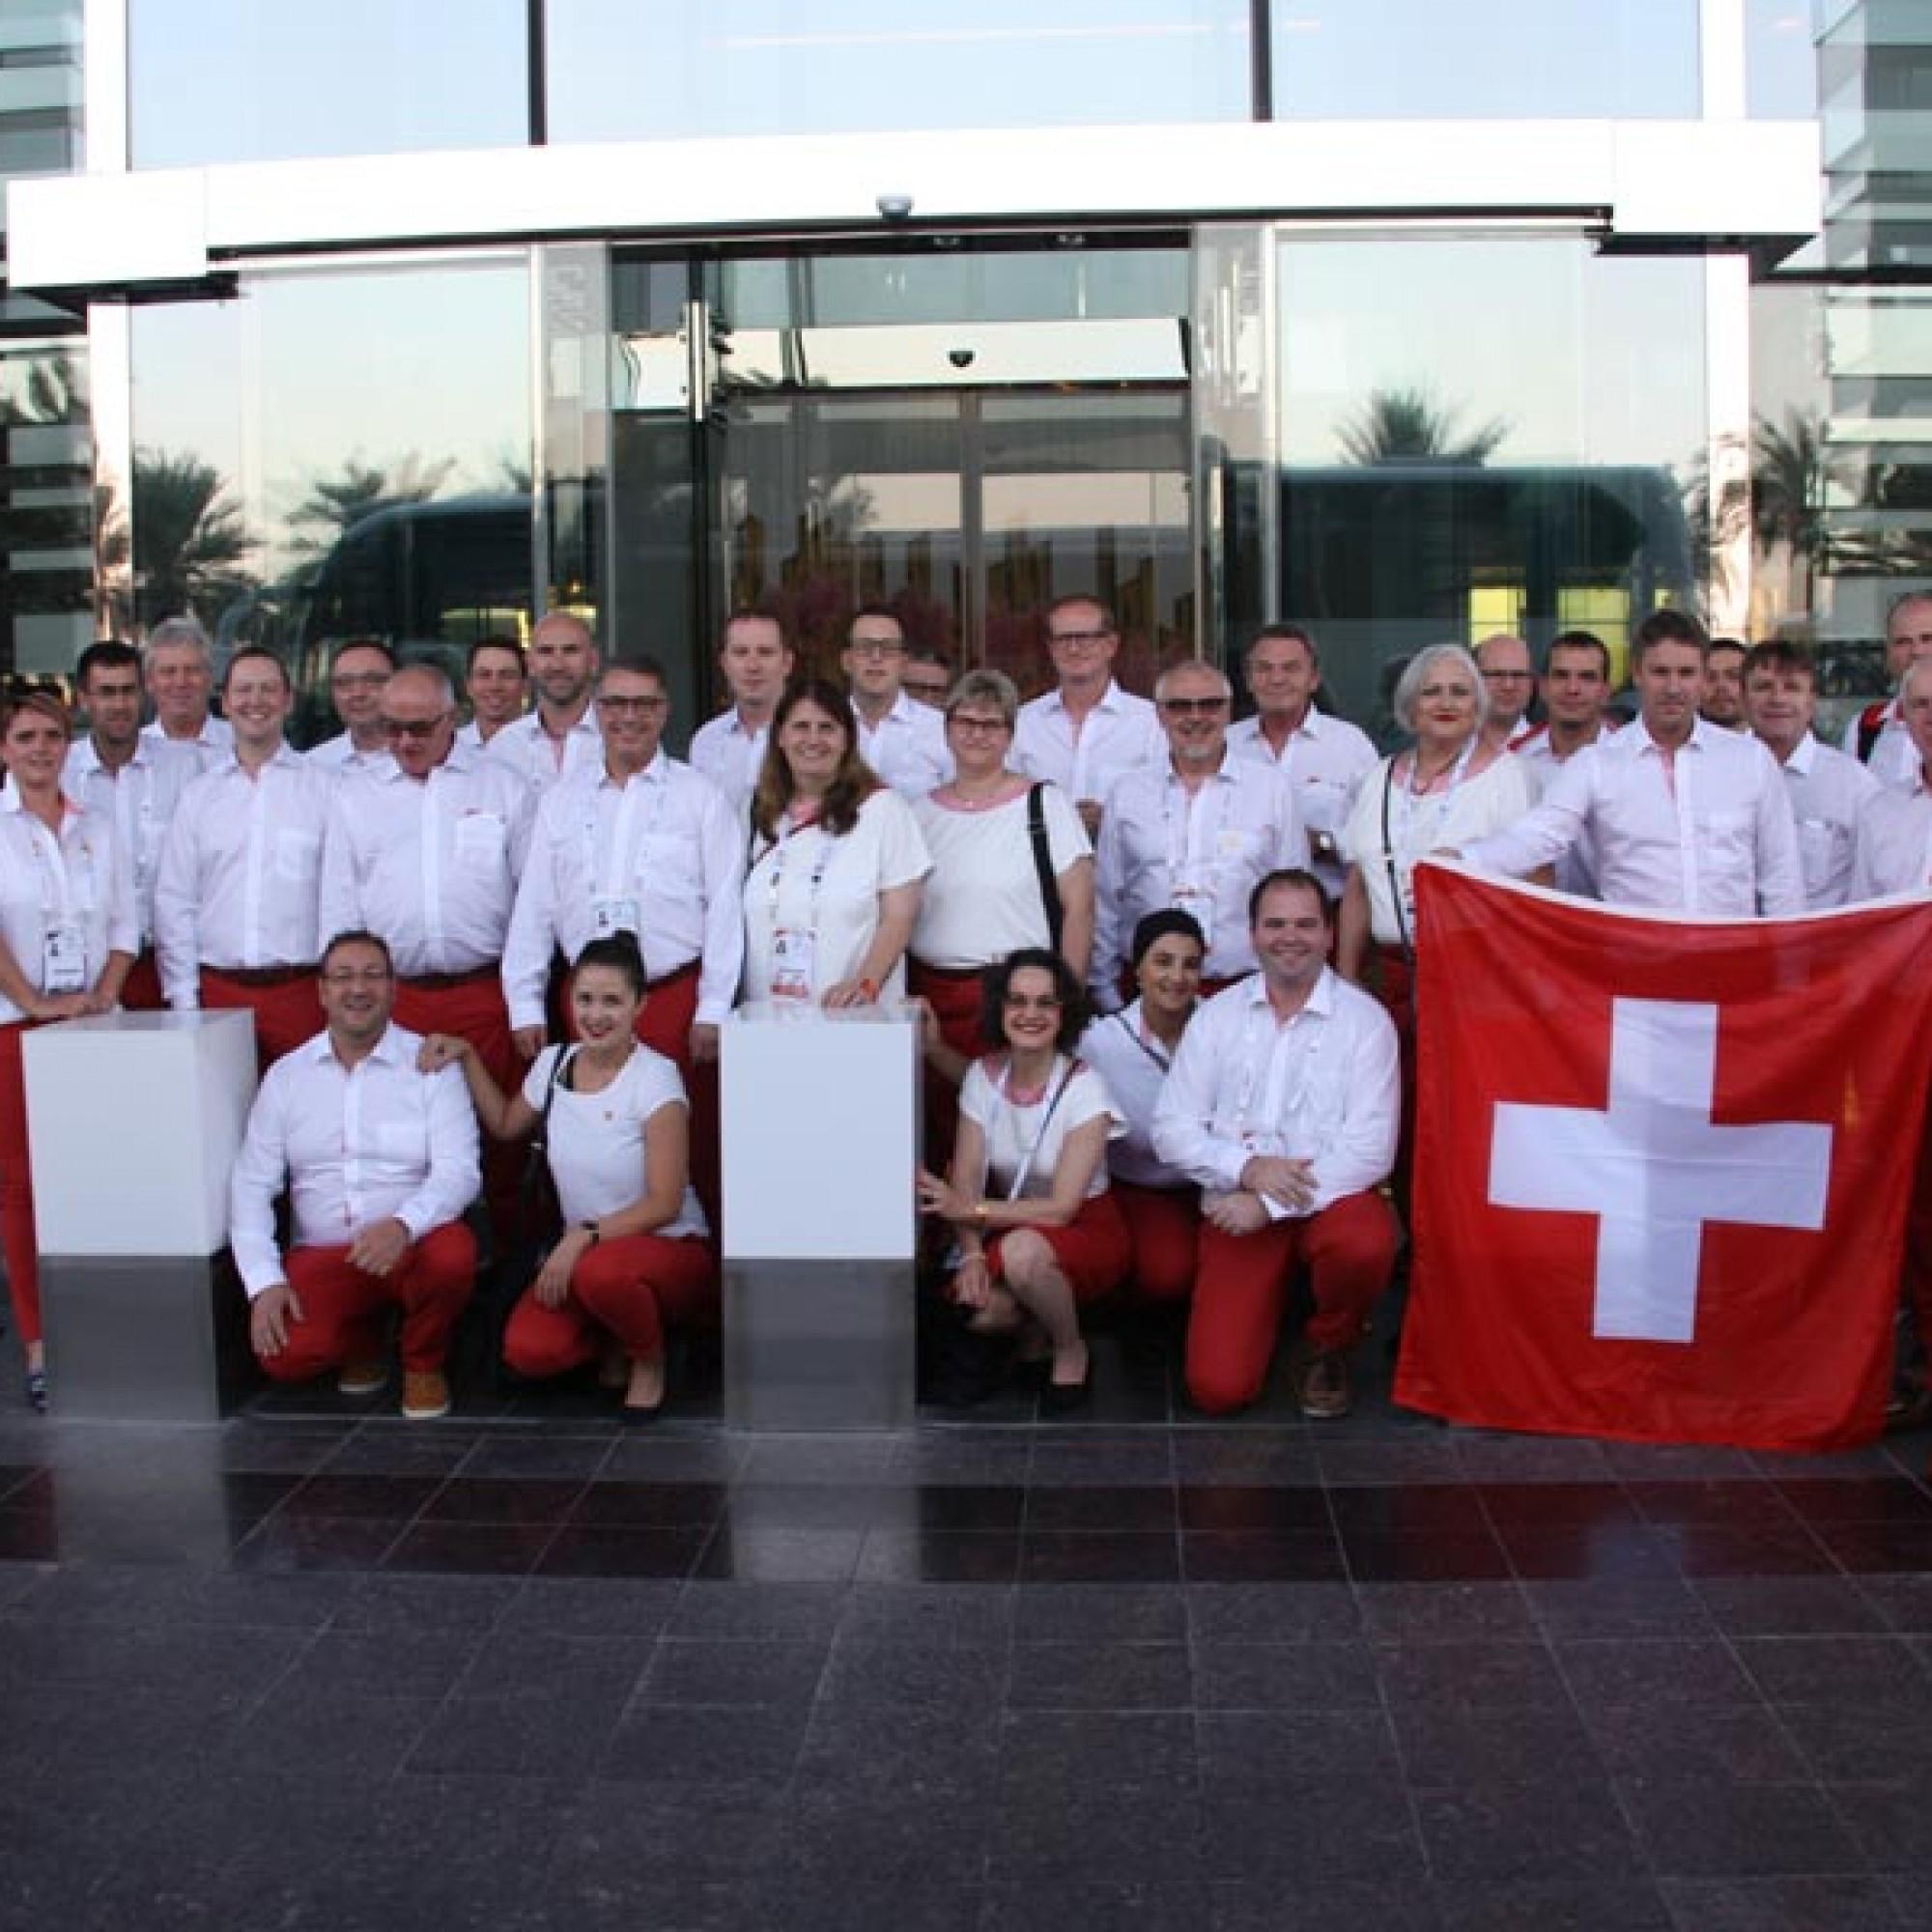 40 Experten und Delegierte unterstützen die 38 Schweizer Teilnehmer.